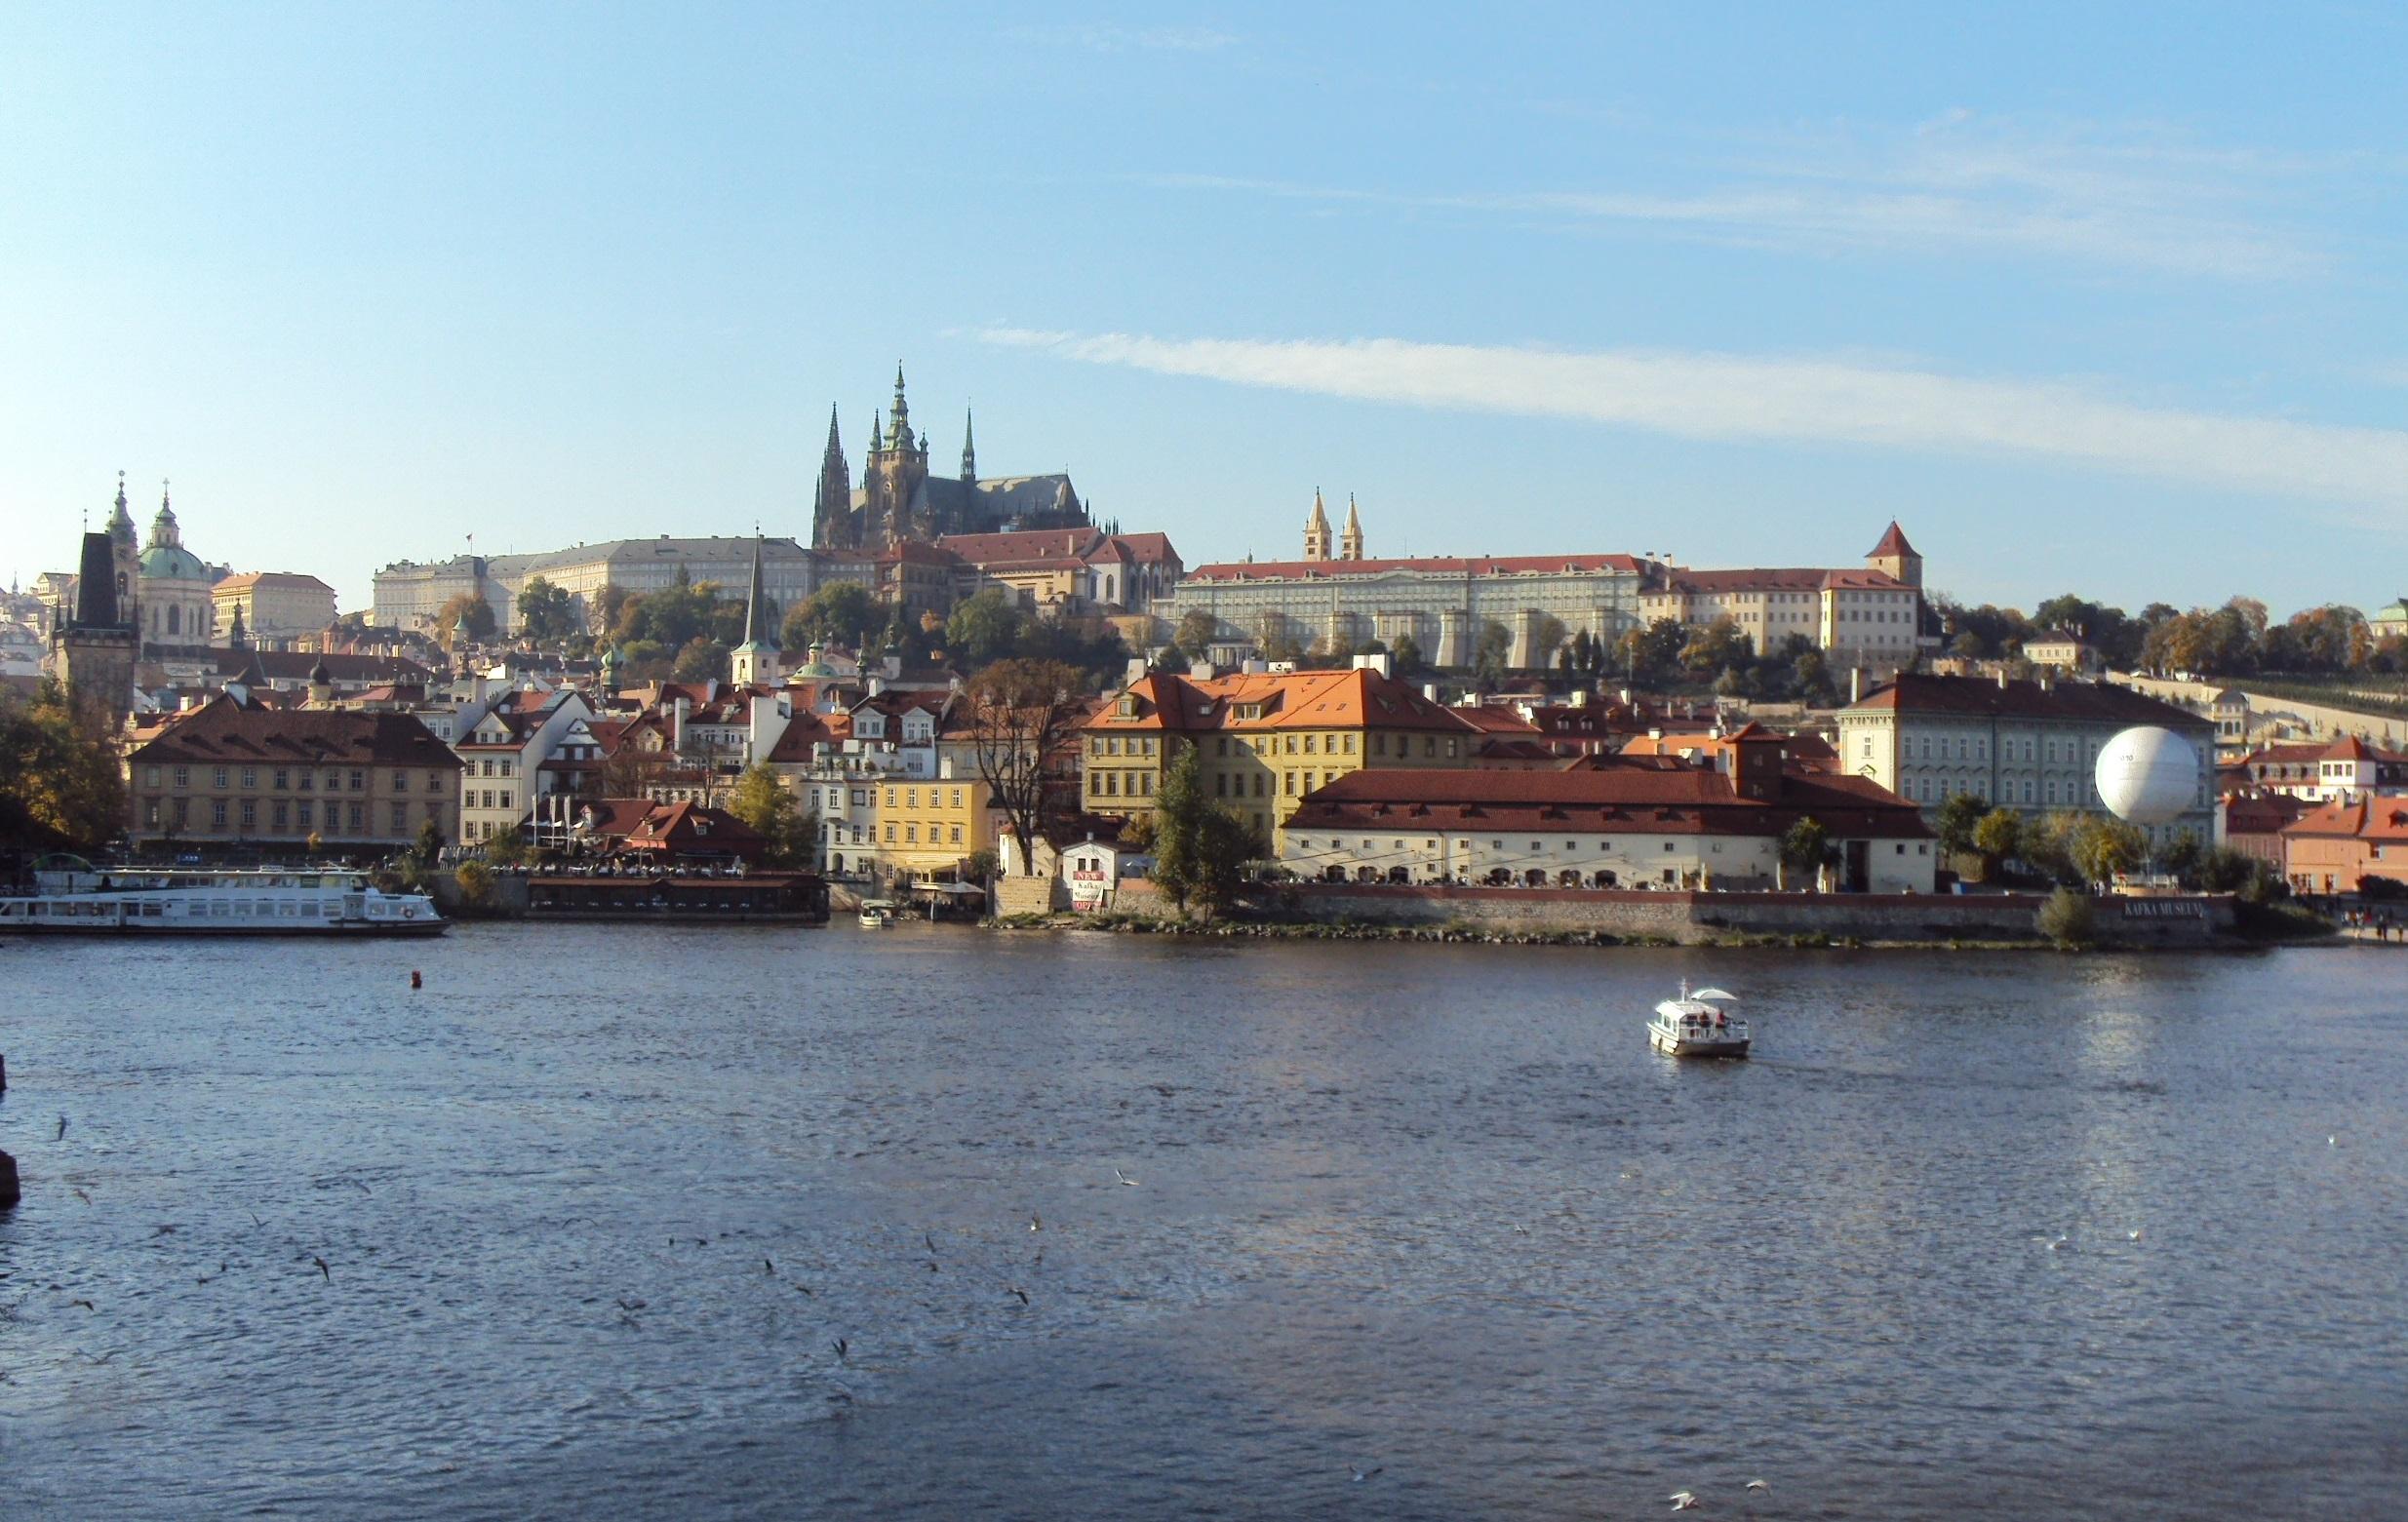 Castelo de Praga (atual residência presidencial)